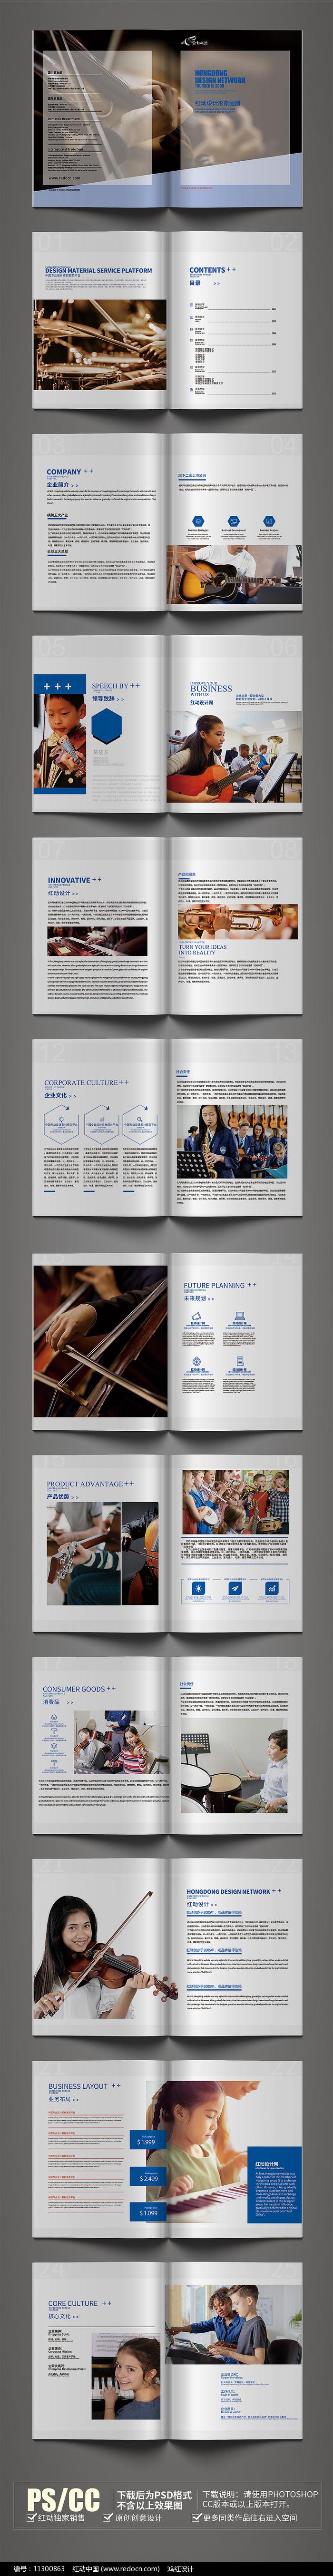 大气乐器培训班招生宣传画册模板设计图片